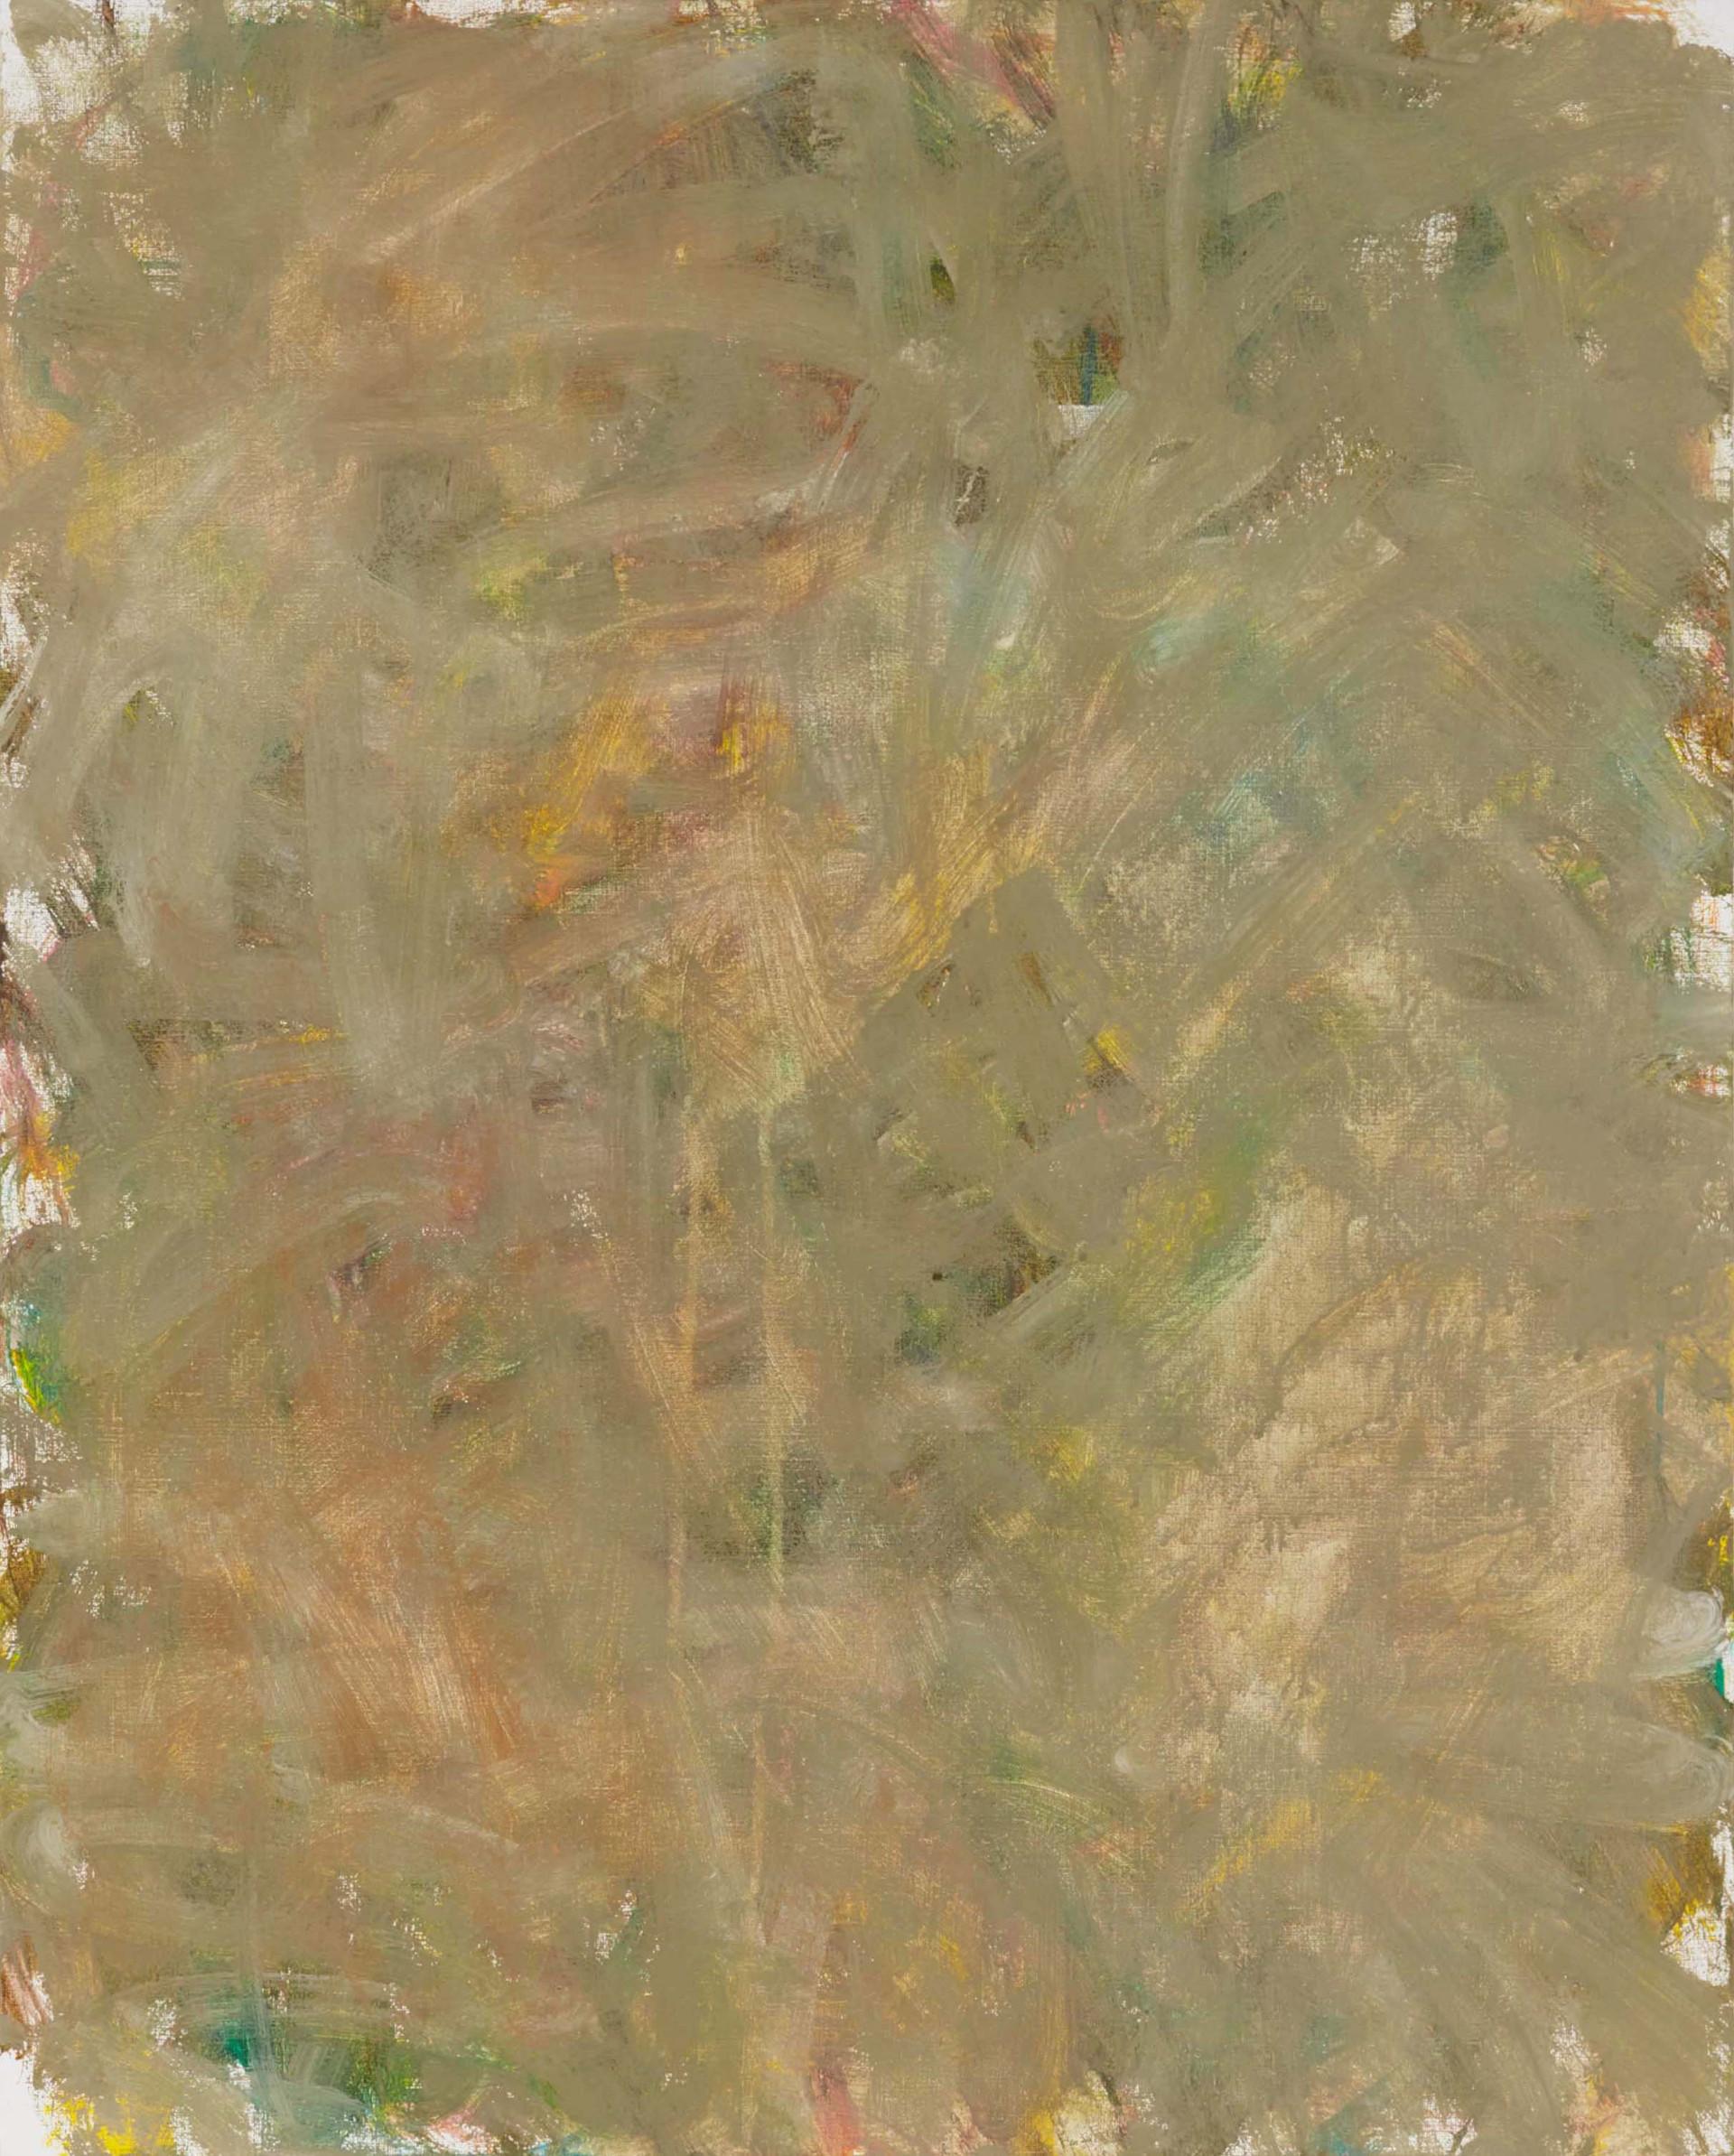 Sans titre (LA 01-14), 2019, acrylique sur toile, 81 x 65 cm